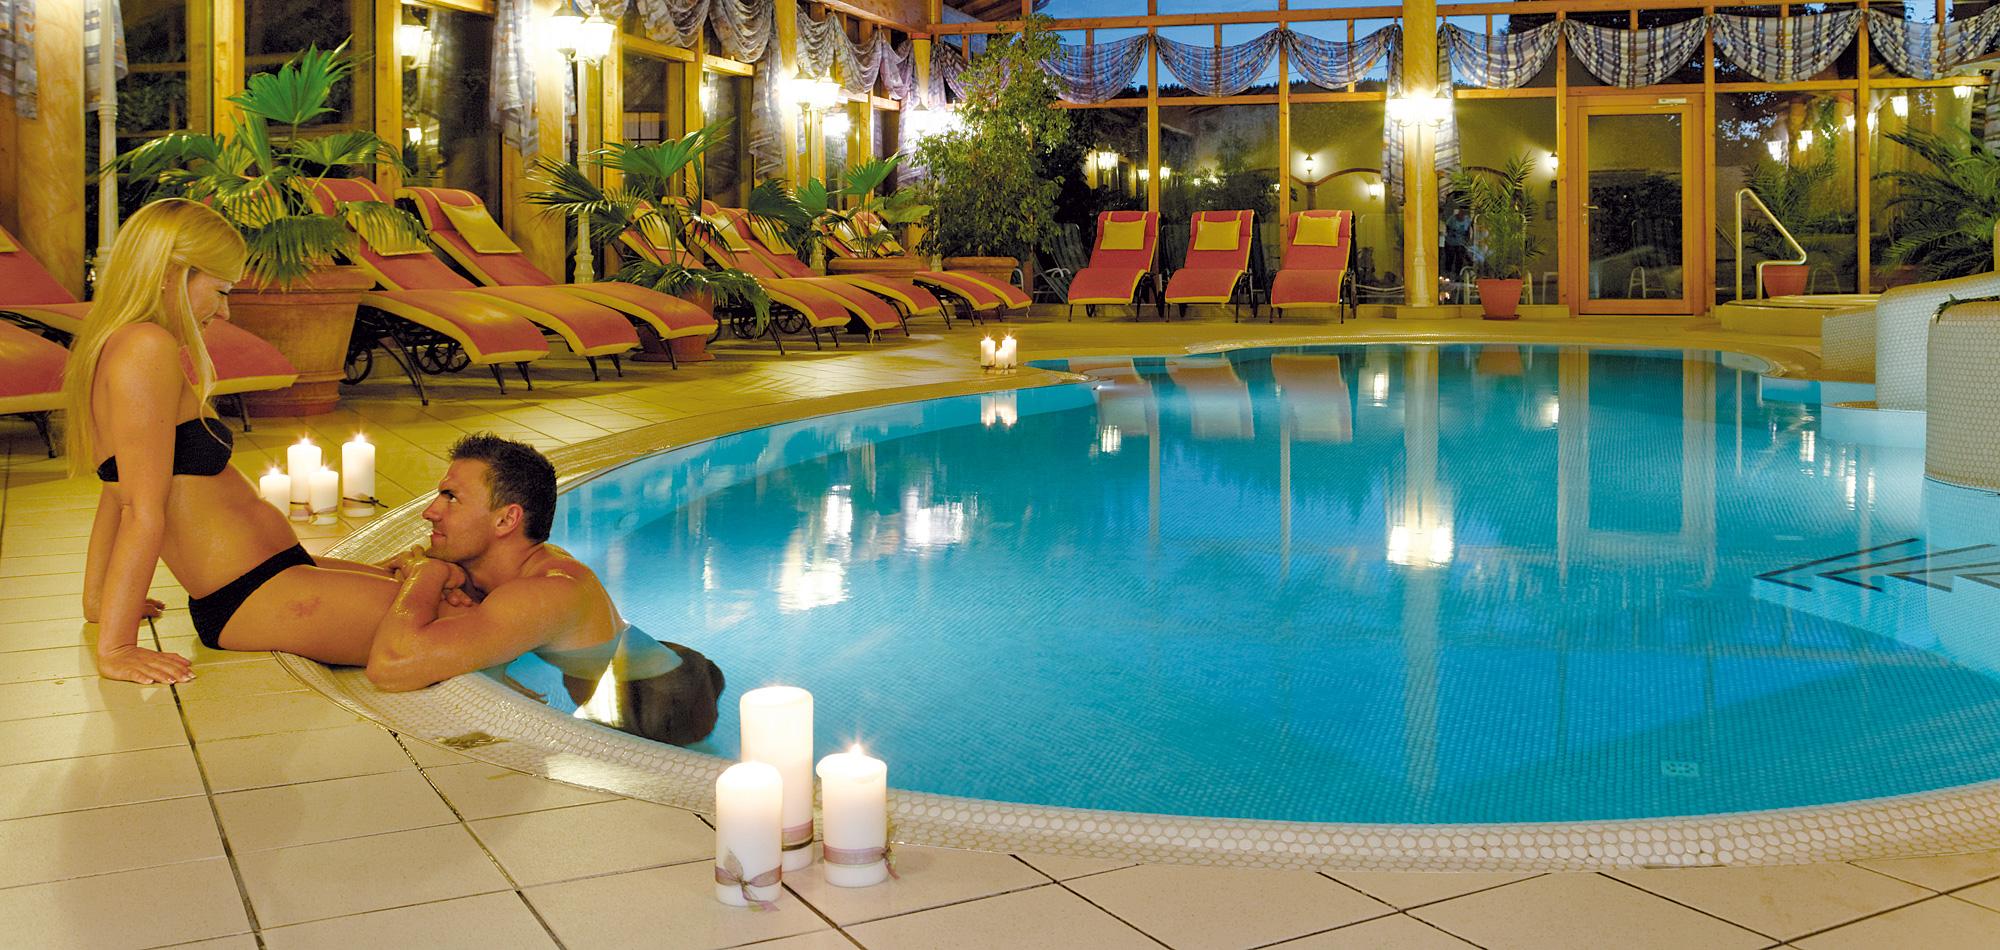 Spa Hotel In Bayerischer Wald